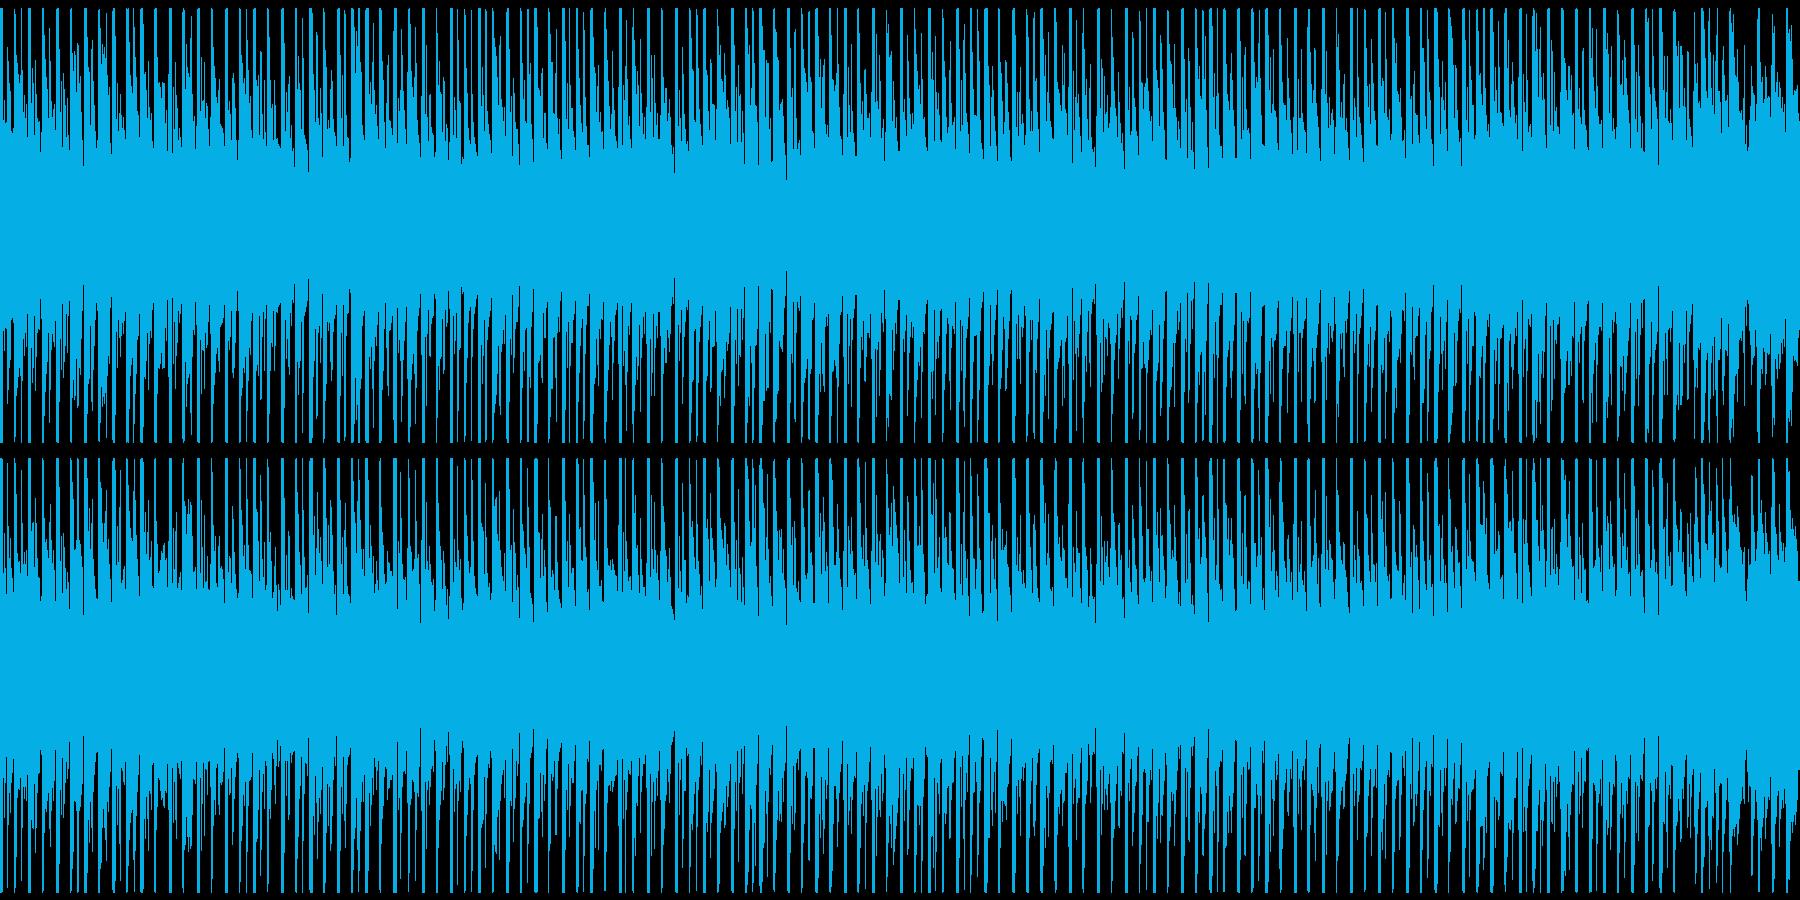 ダンスパーティーミュージック(ループ)の再生済みの波形